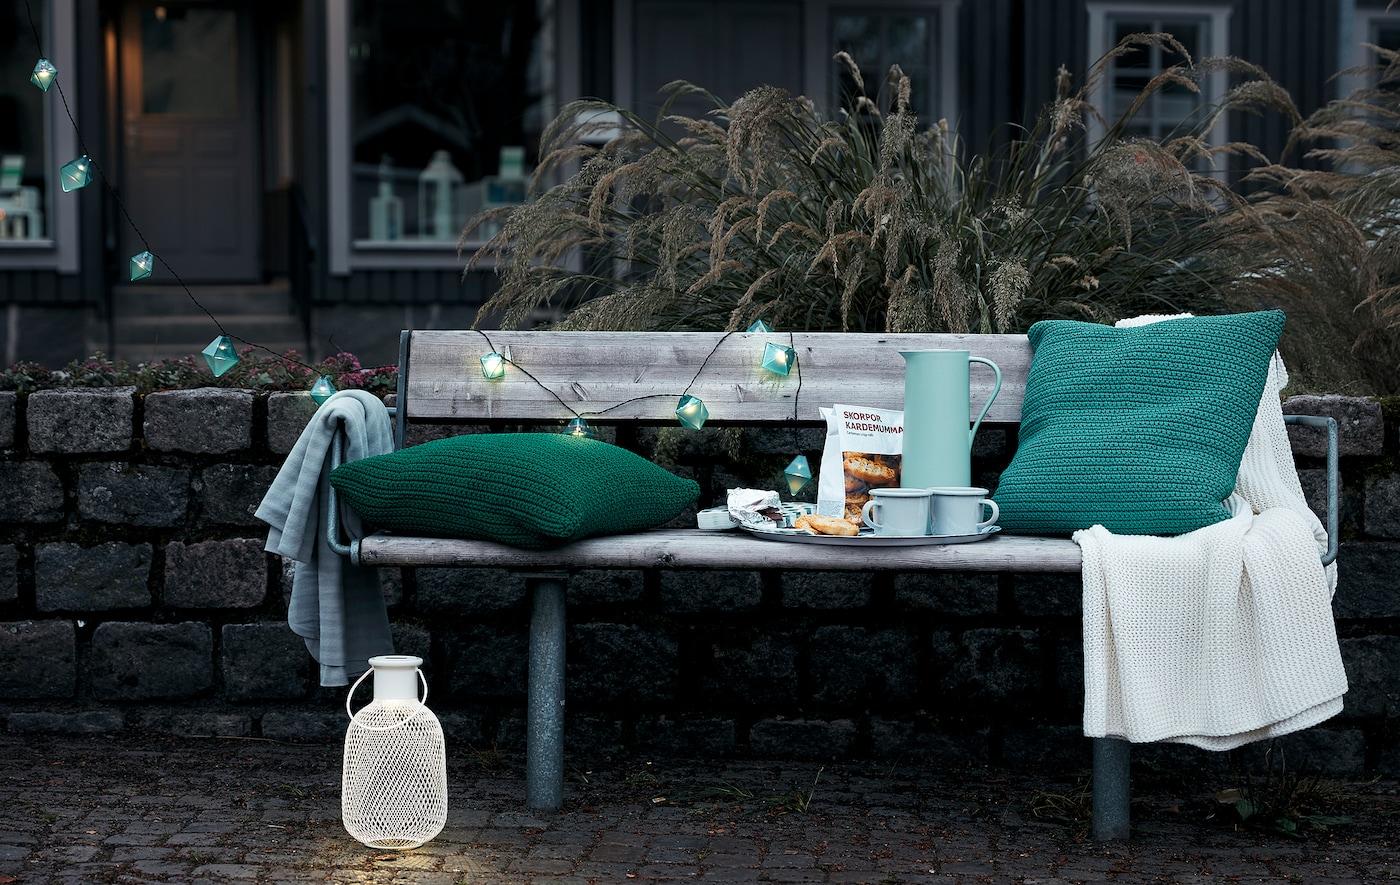 傍晚时分,城市户外的一张公共长椅上放着咖啡托盘、软垫、休闲毯和装饰照明。